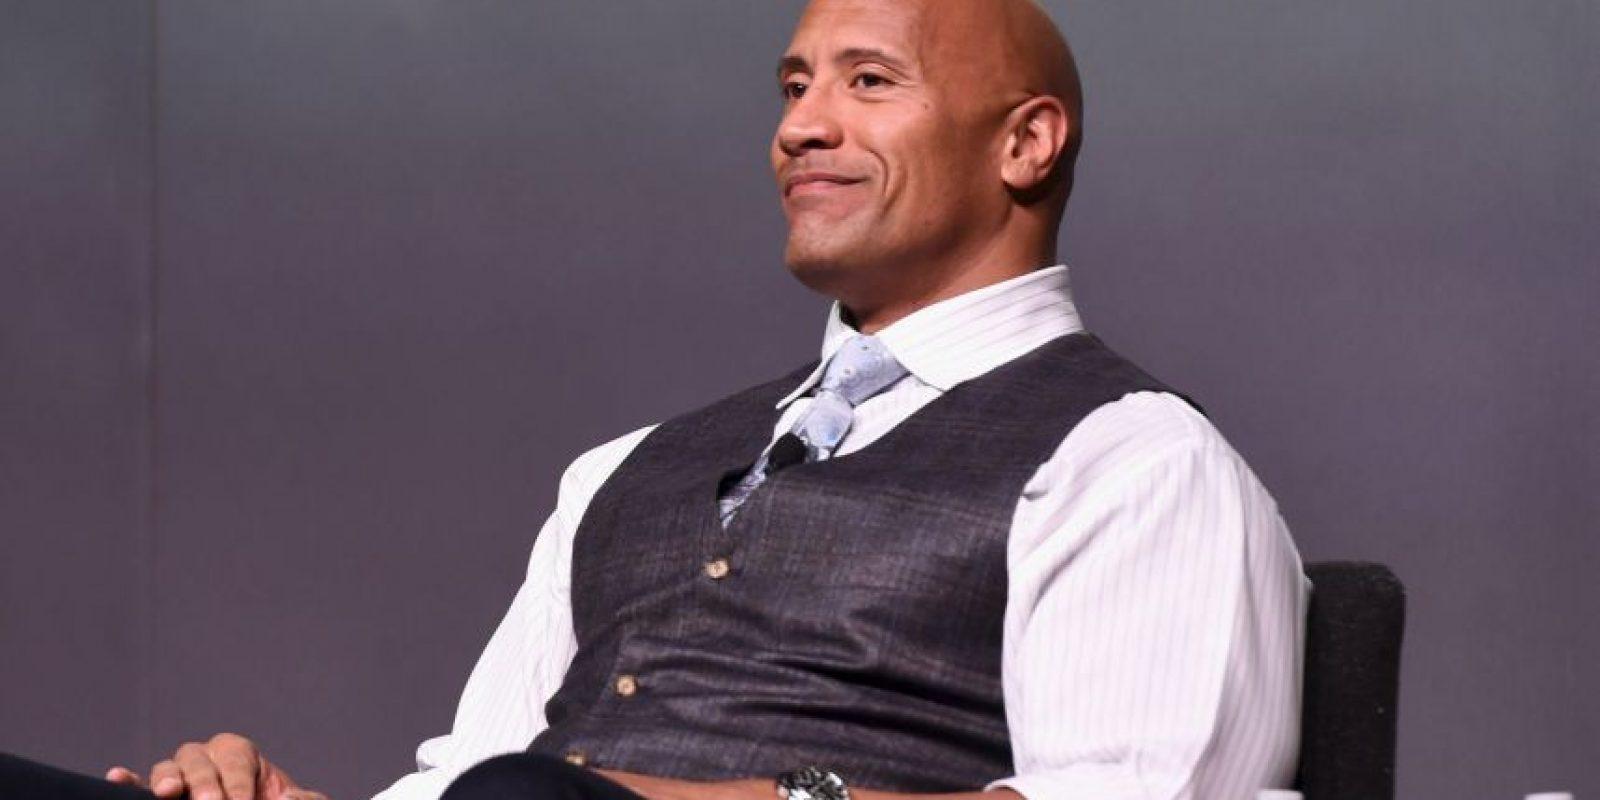 """Dwayne Douglas Johnson, mejor conocido como """"La Roca"""", es un actor y luchador profesional estadounidense. Foto:Getty Images"""